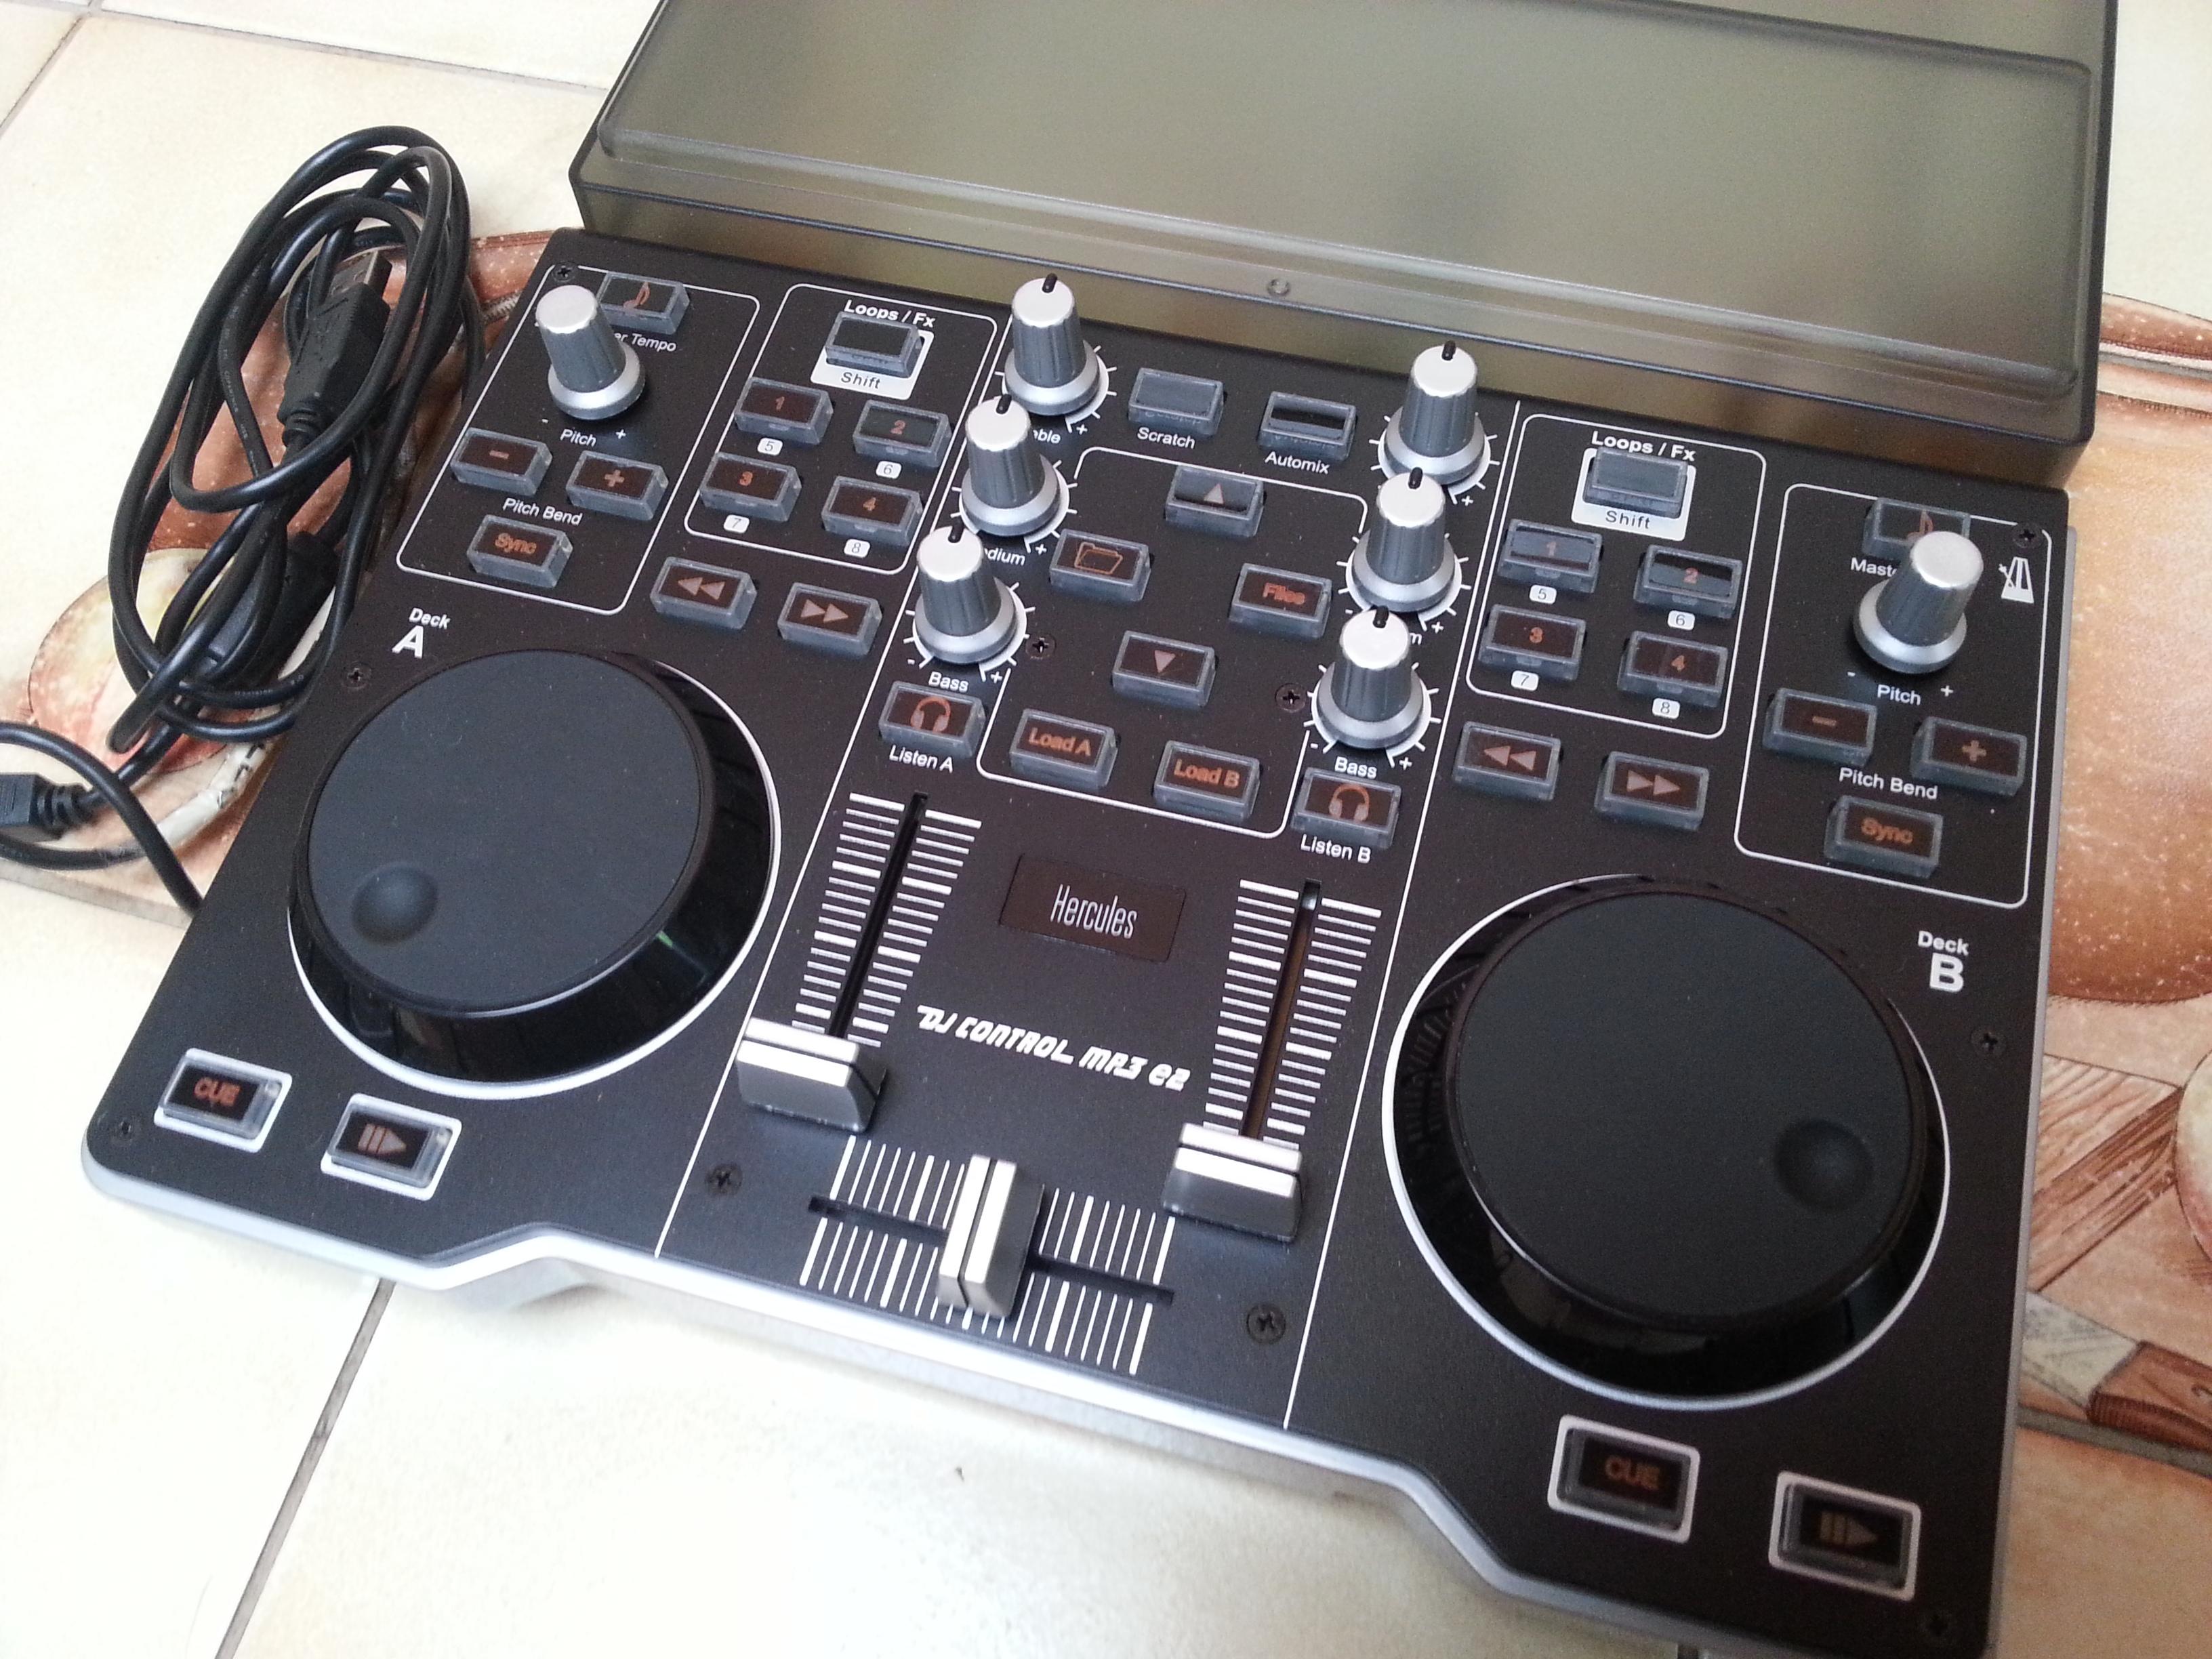 Photo hercules dj control mp3 e2 hercules dj control mp3 - Table de mixage hercules dj control mp3 e2 ...